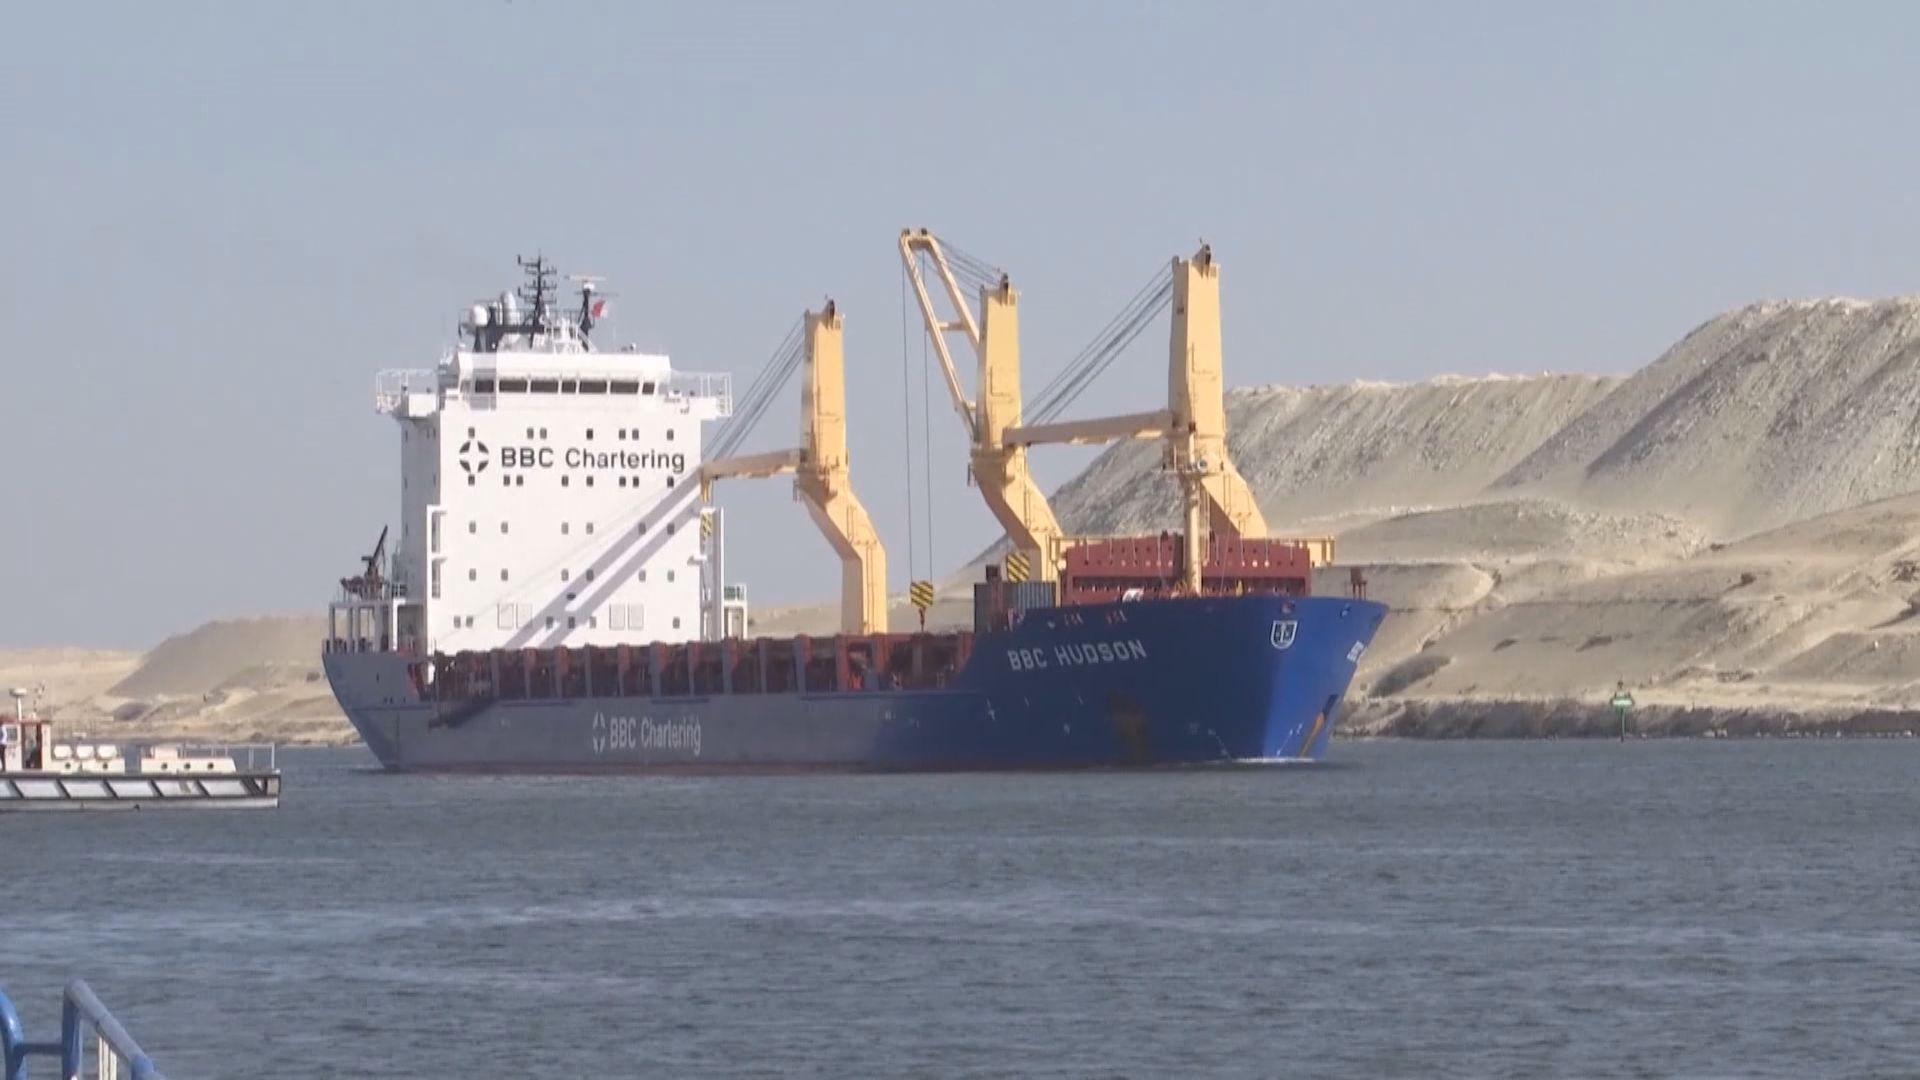 埃及受阻船隻循南北行駛離蘇彝士運河 料四天內回復正常